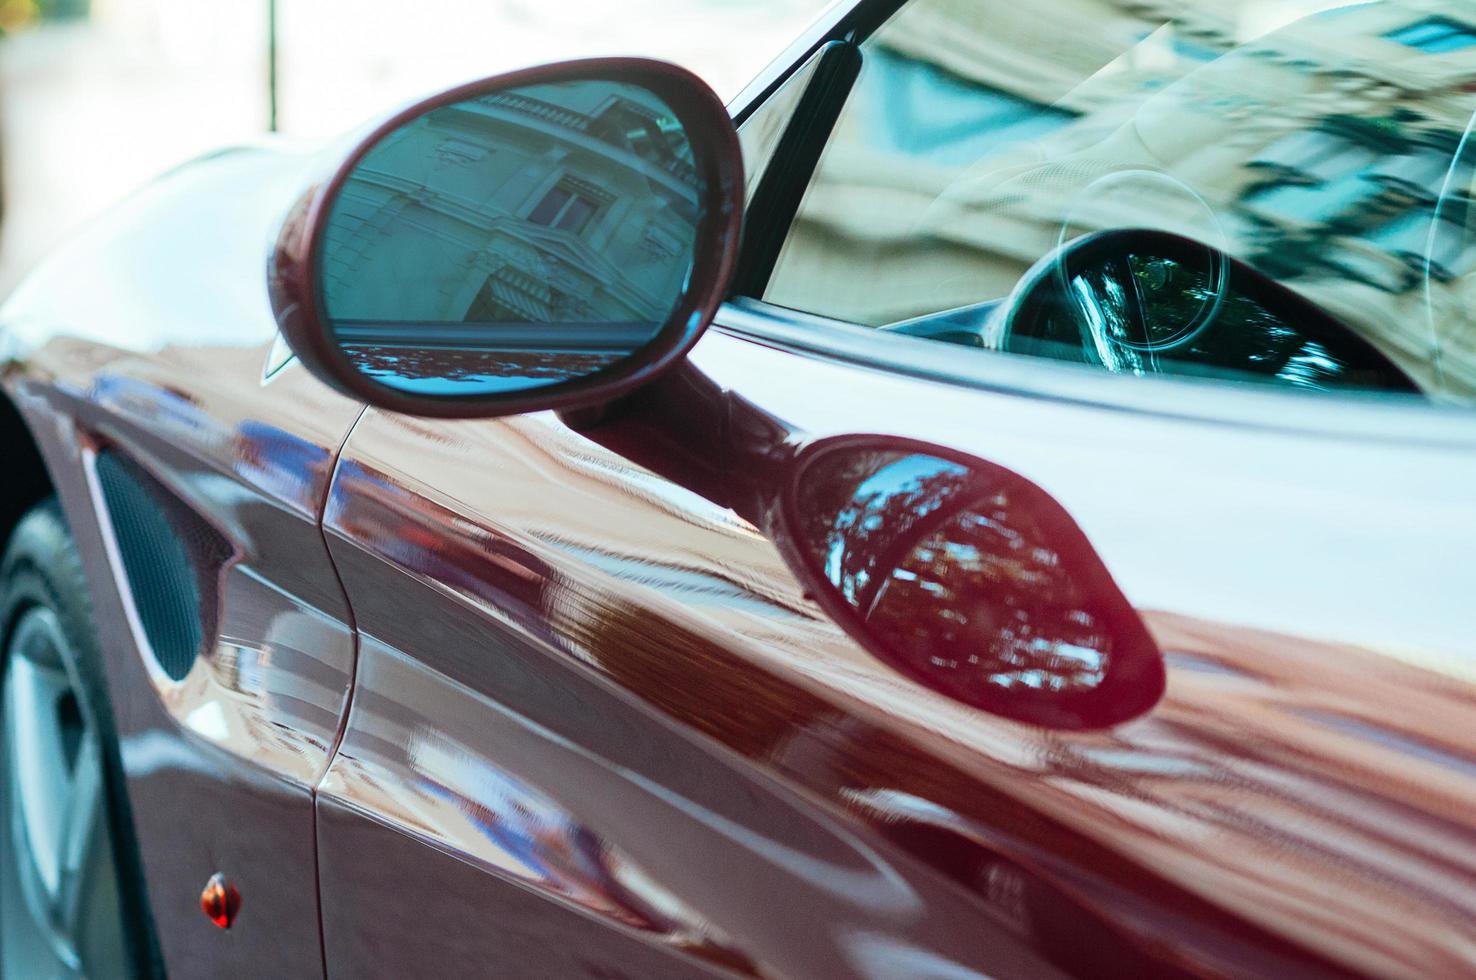 détail de voiture de sport rouge de luxe photo